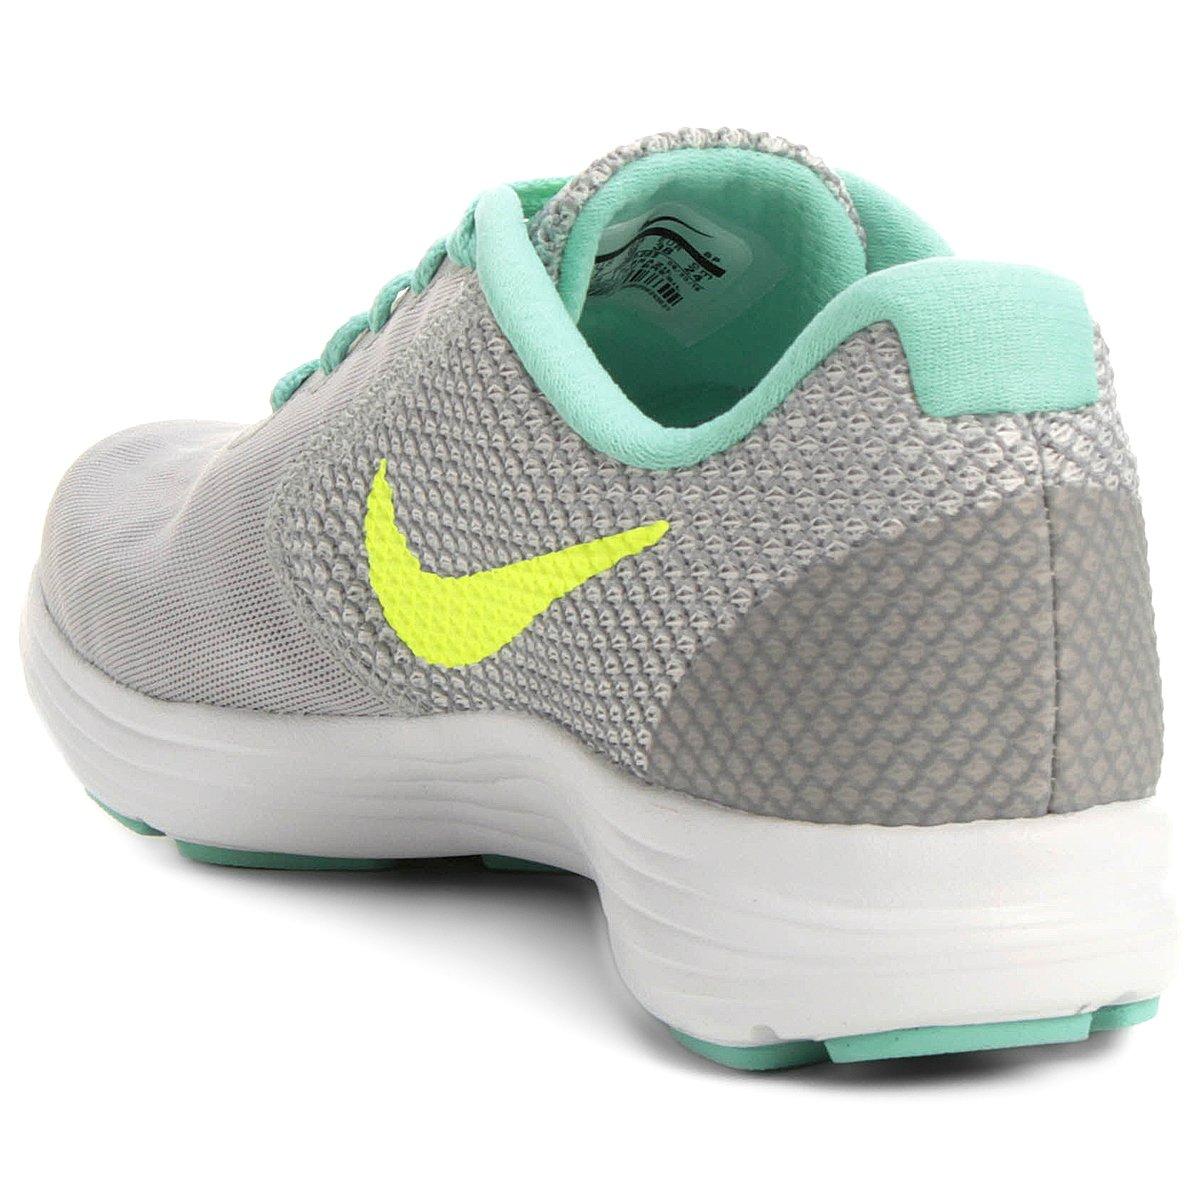 Tênis Nike Revolution 3 Feminino - Cinza e Verde Água - Compre Agora ... a5d970911597a